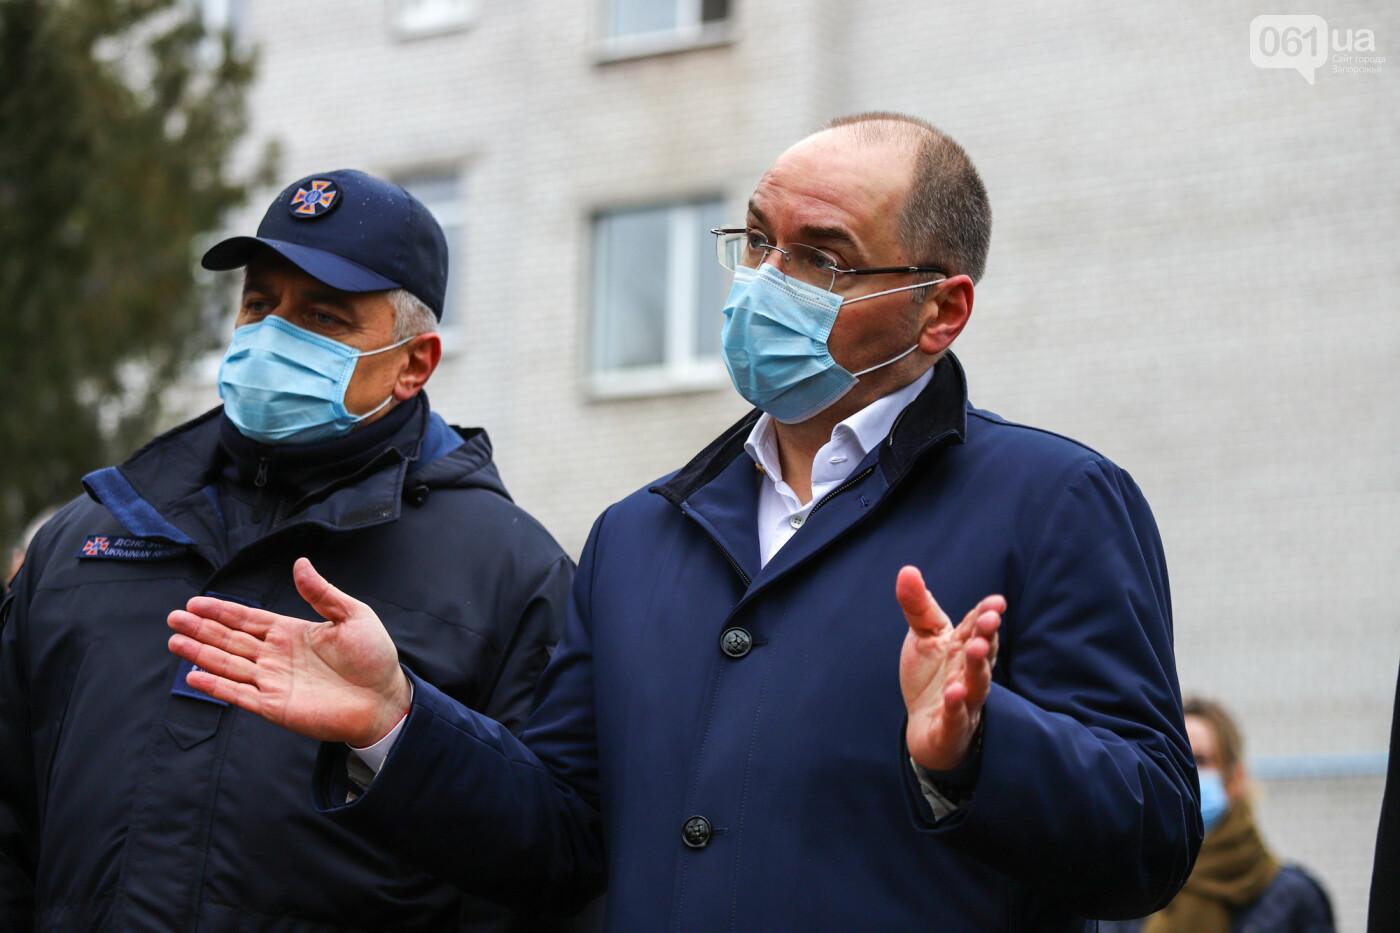 Пожар в Запорожской инфекционной больнице: все подробности происшествия, - ФОТОРЕПОРТАЖ , фото-38